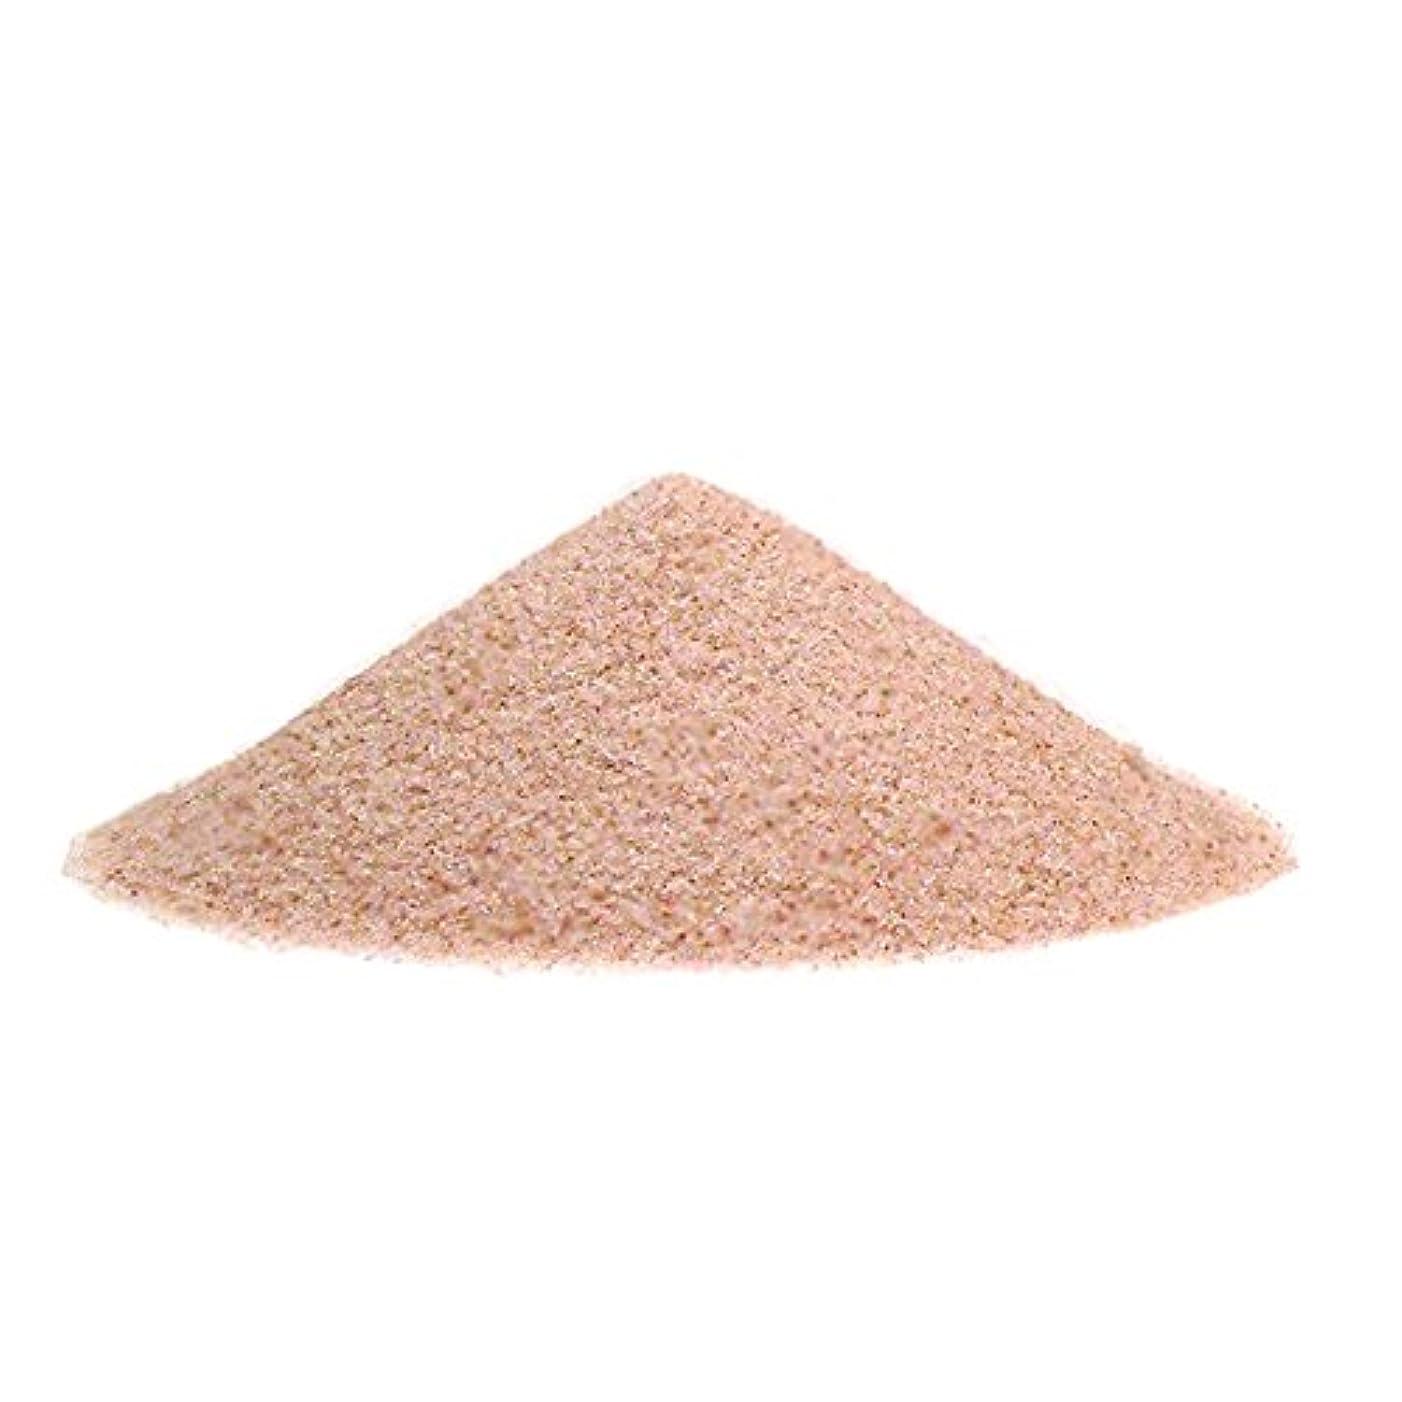 モネオレンジ深遠ヒマラヤ岩塩 ピンクソルト 入浴用 バスソルト(微粒パウダー)5kg ピンク岩塩